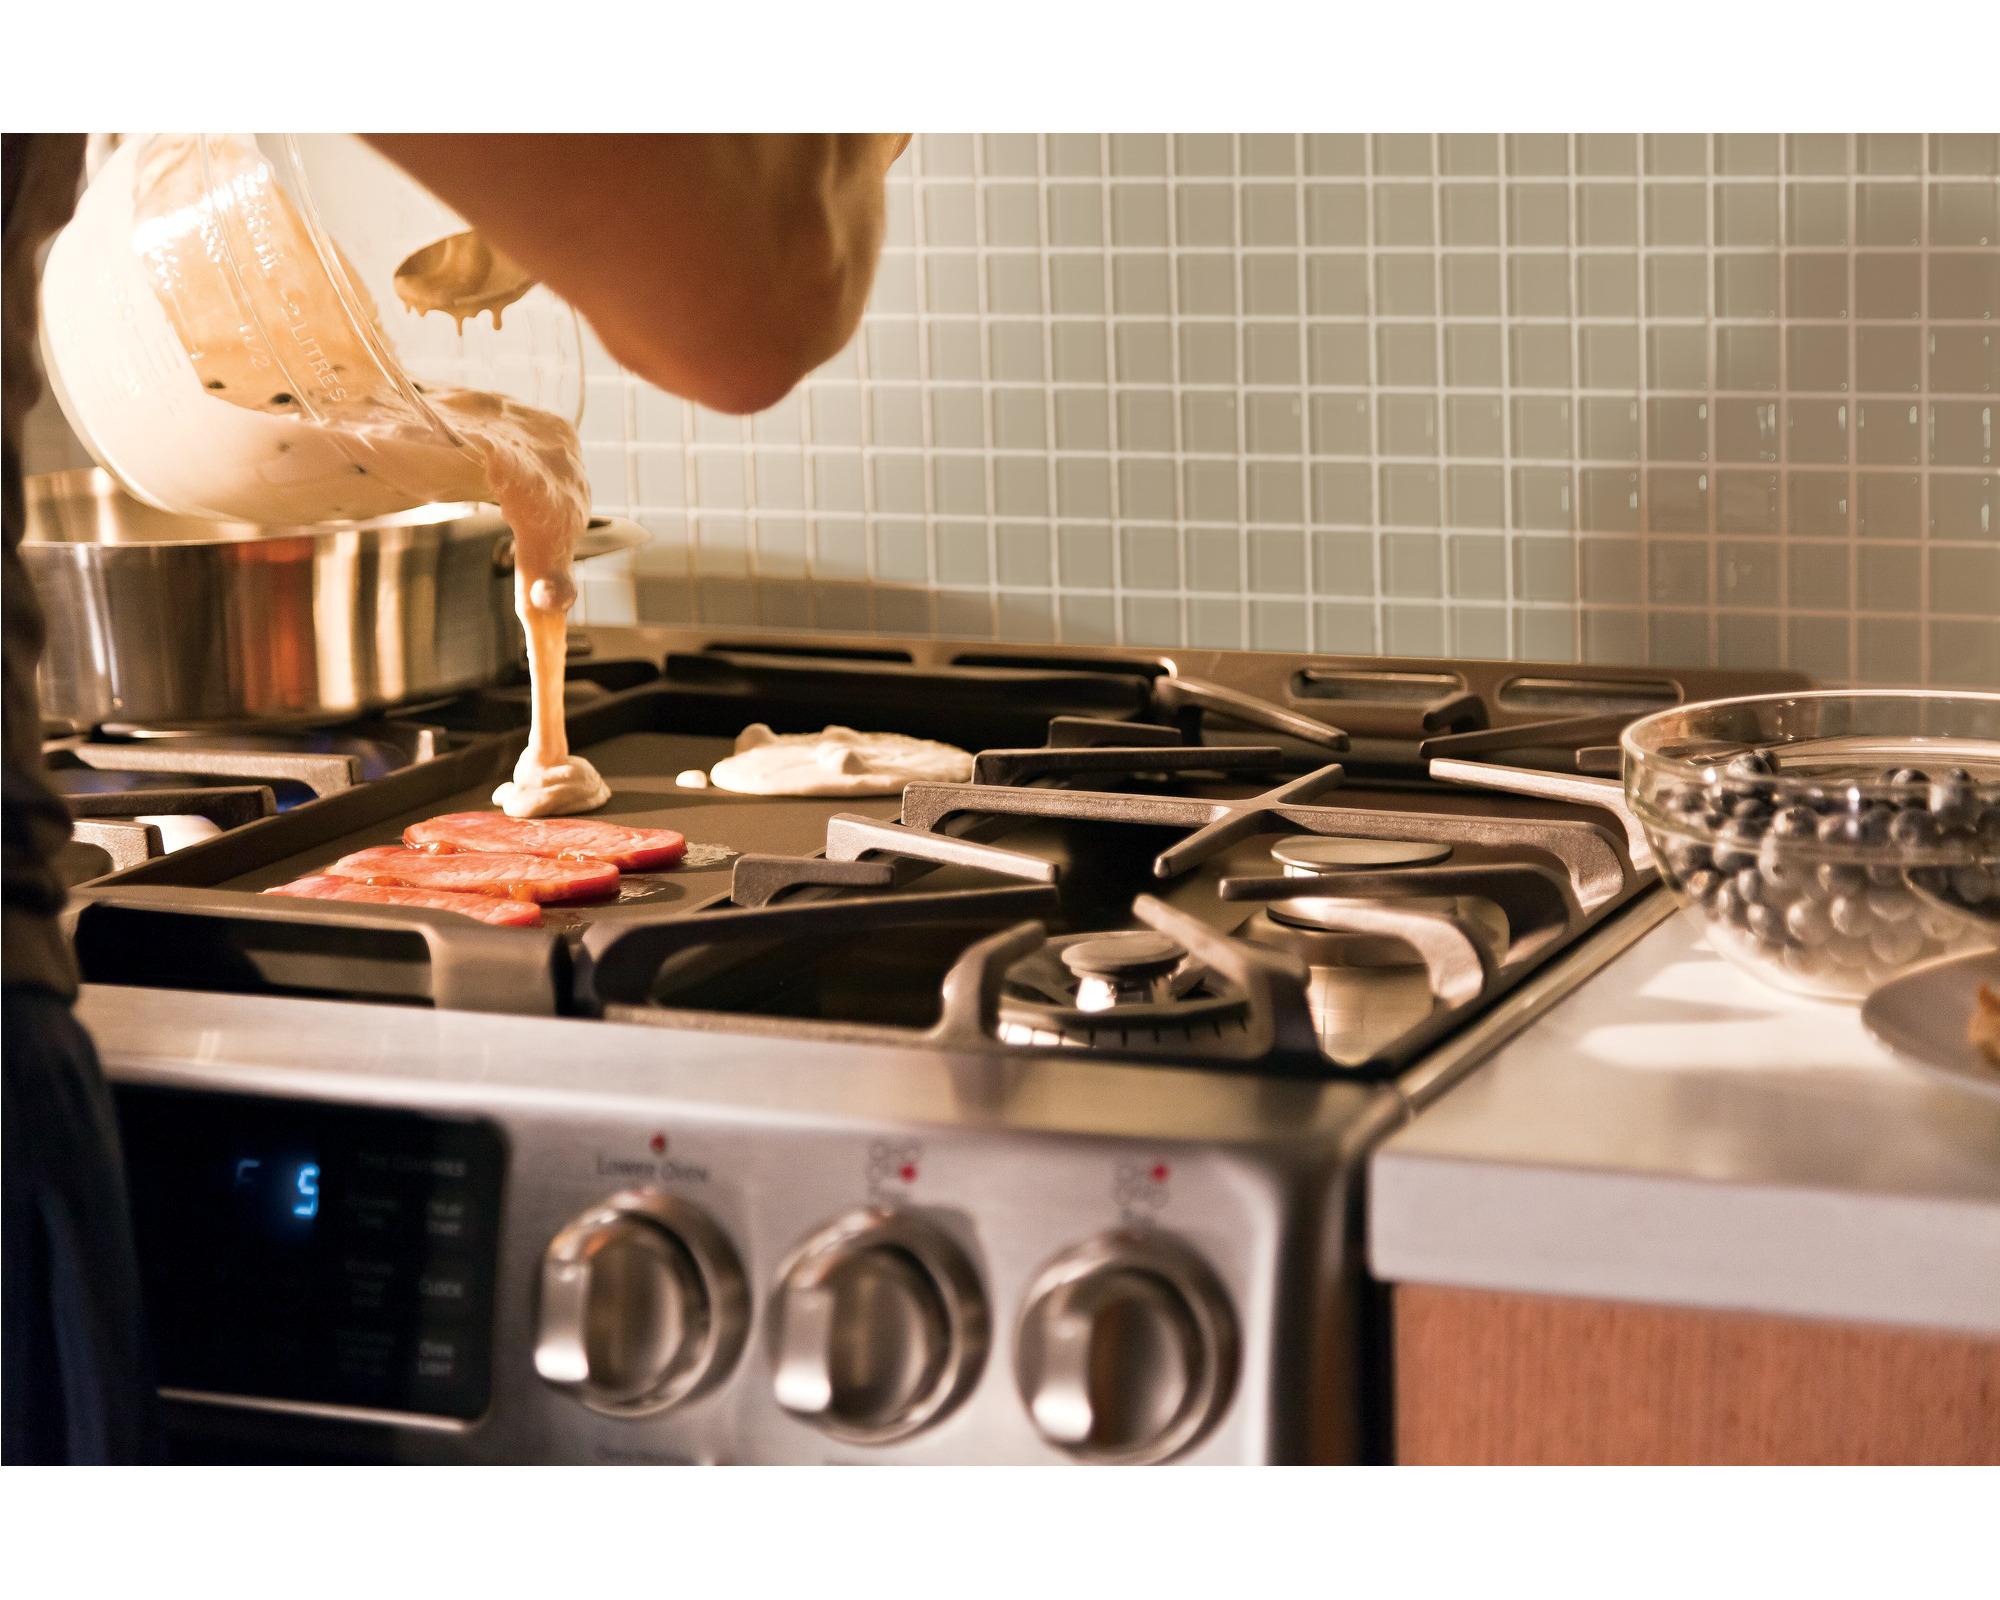 GE Cafe™ Series CGS985SETSS 5.4 cu. ft. Freestanding Gas Range w/ Baking Drawer - Stainless